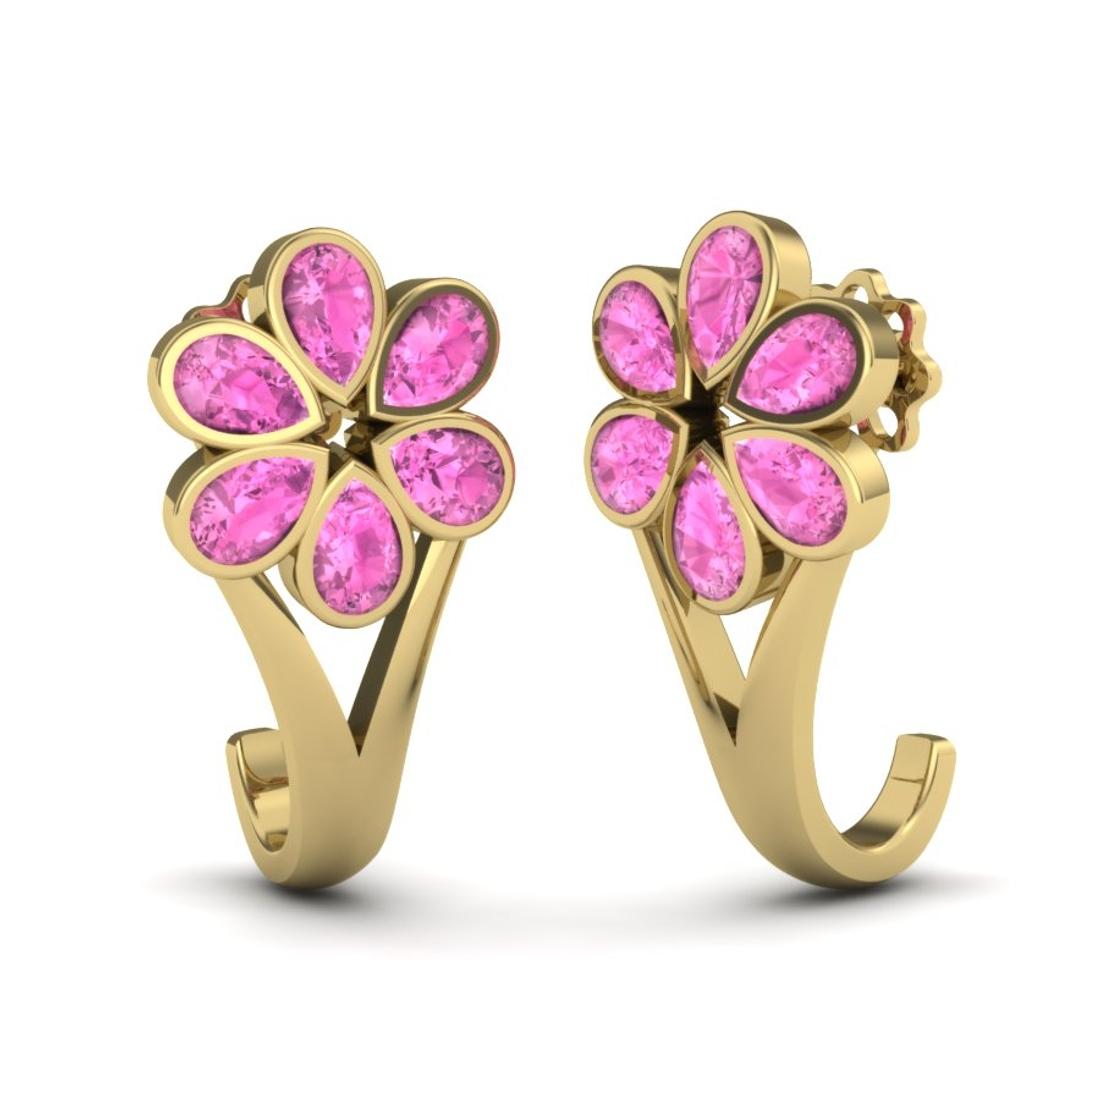 Pinky Pear Shape Gemstone Earrings